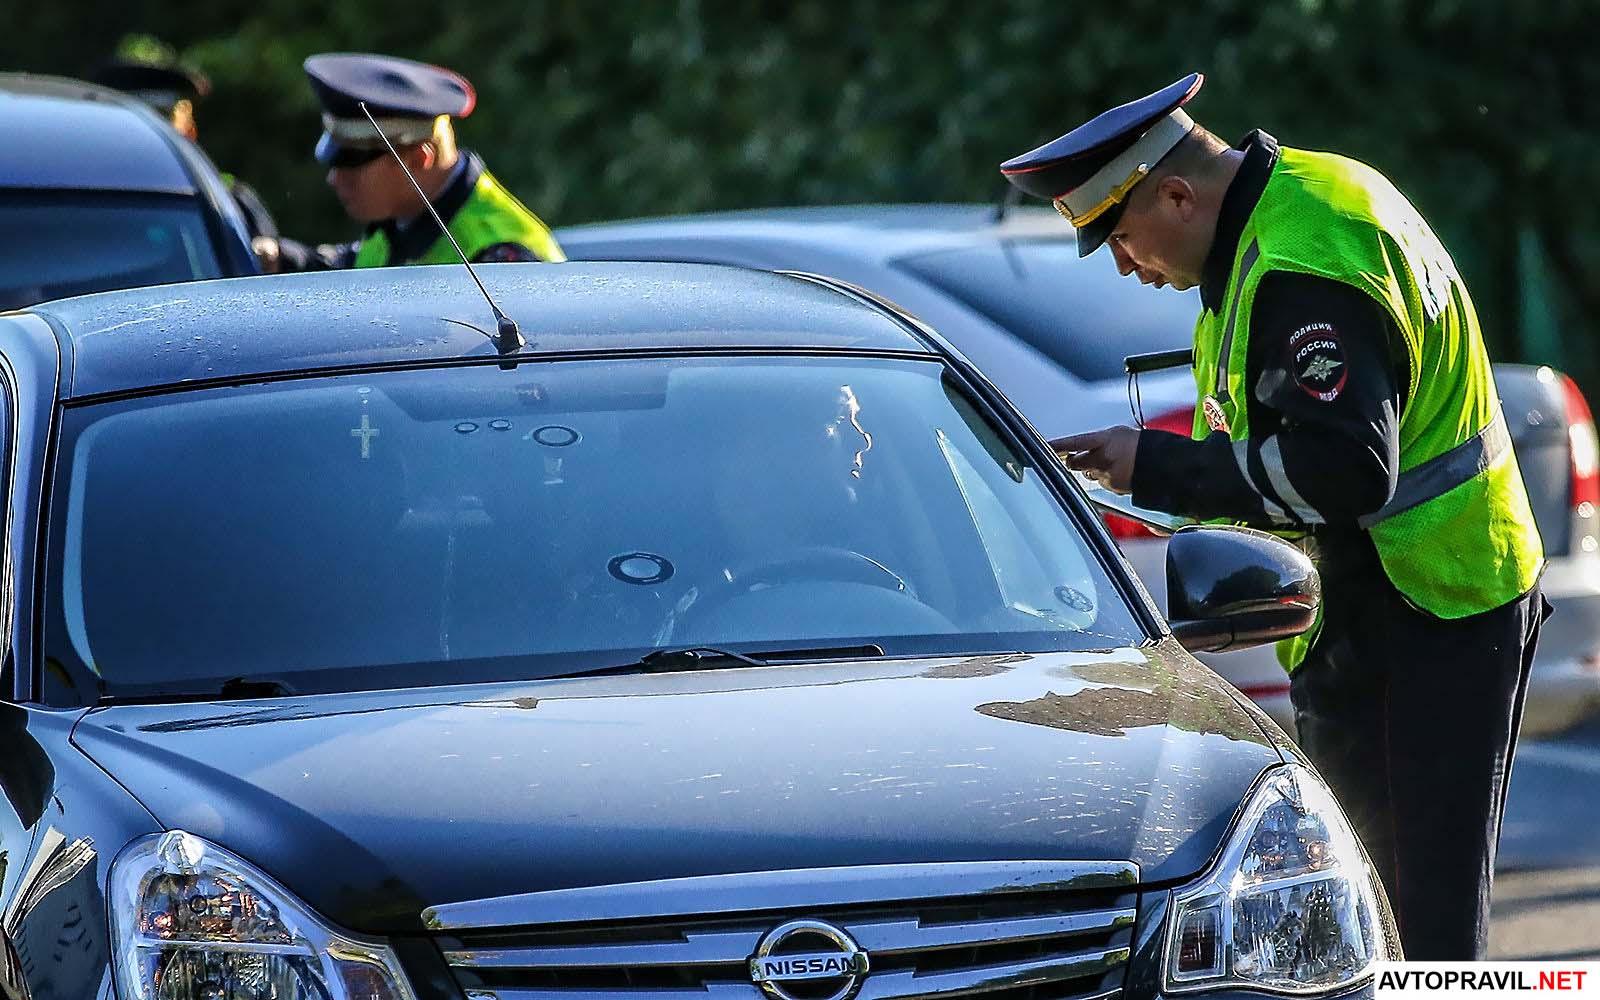 Инспектор Гибдд беседующий с водителем в машине